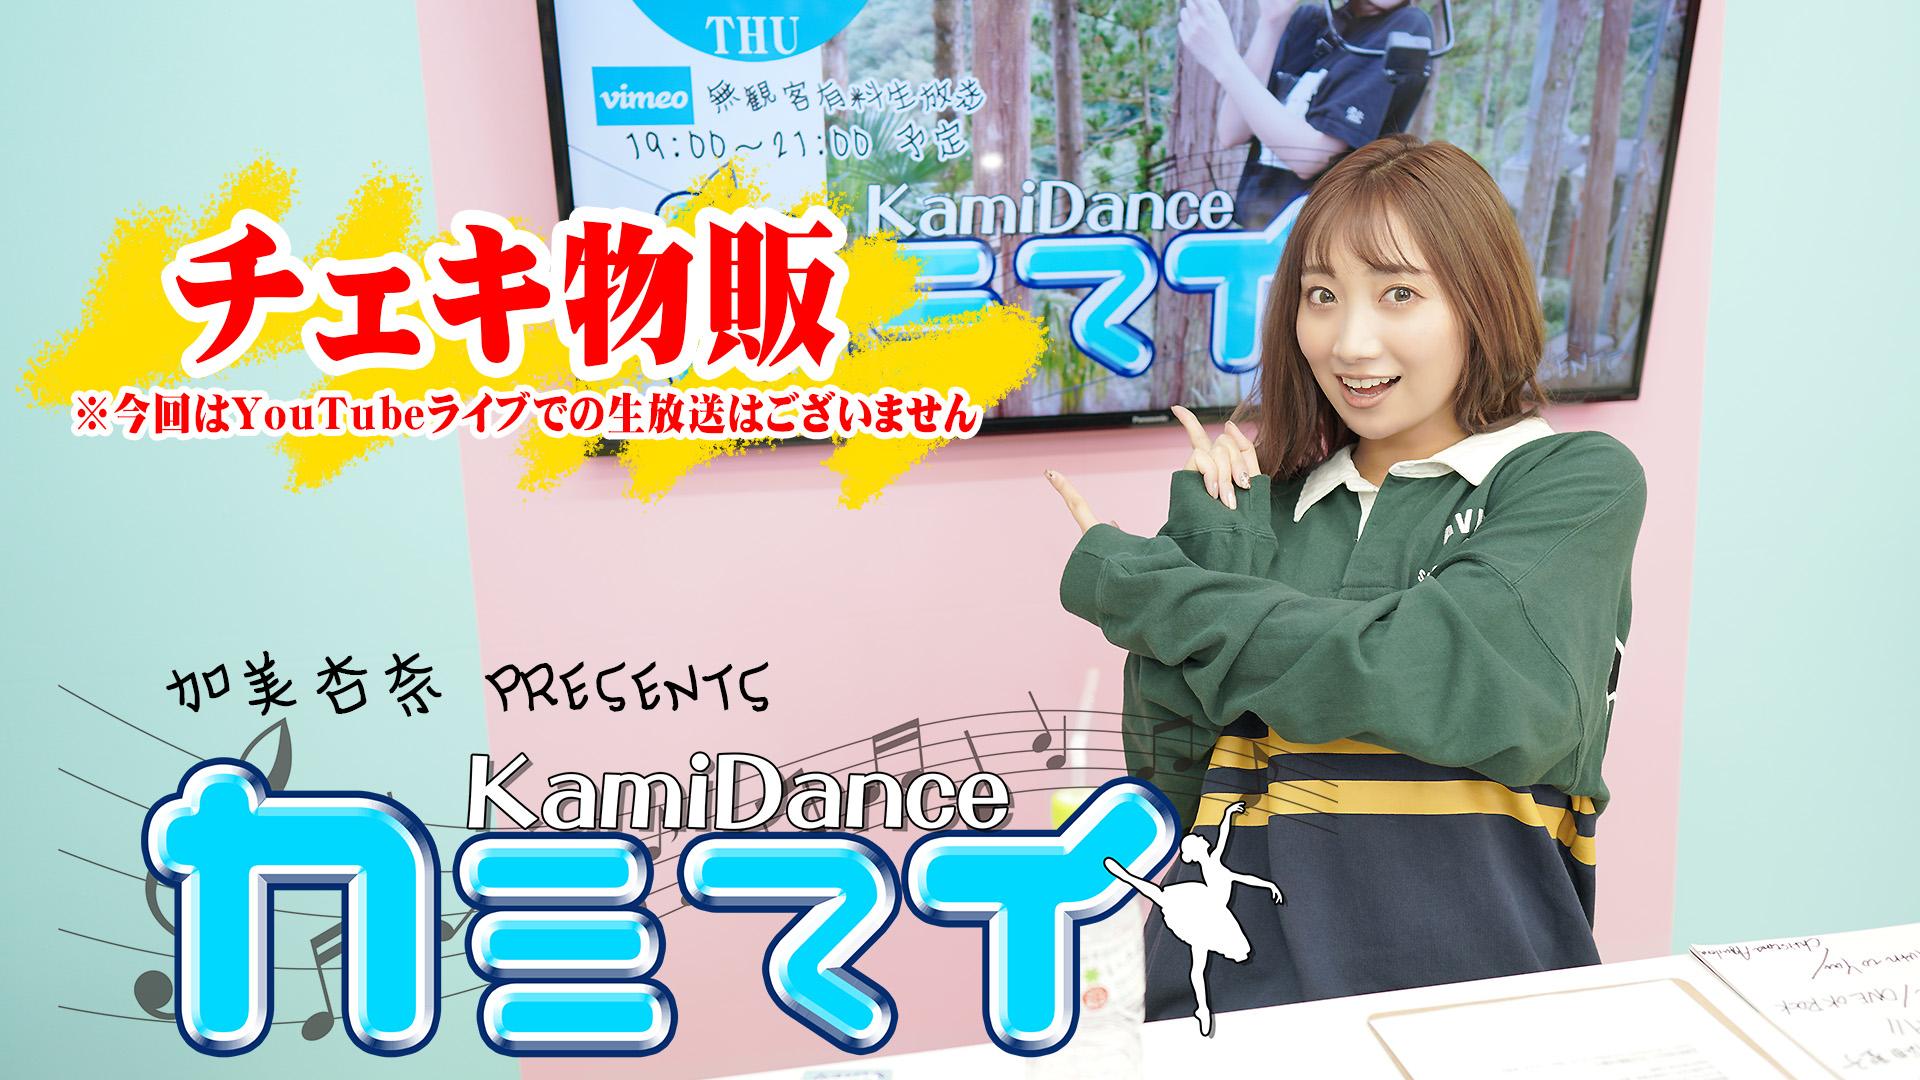 【物販】カミマイ!~KamiDance~チェキを物販します!加美杏奈【1/11~1/25】